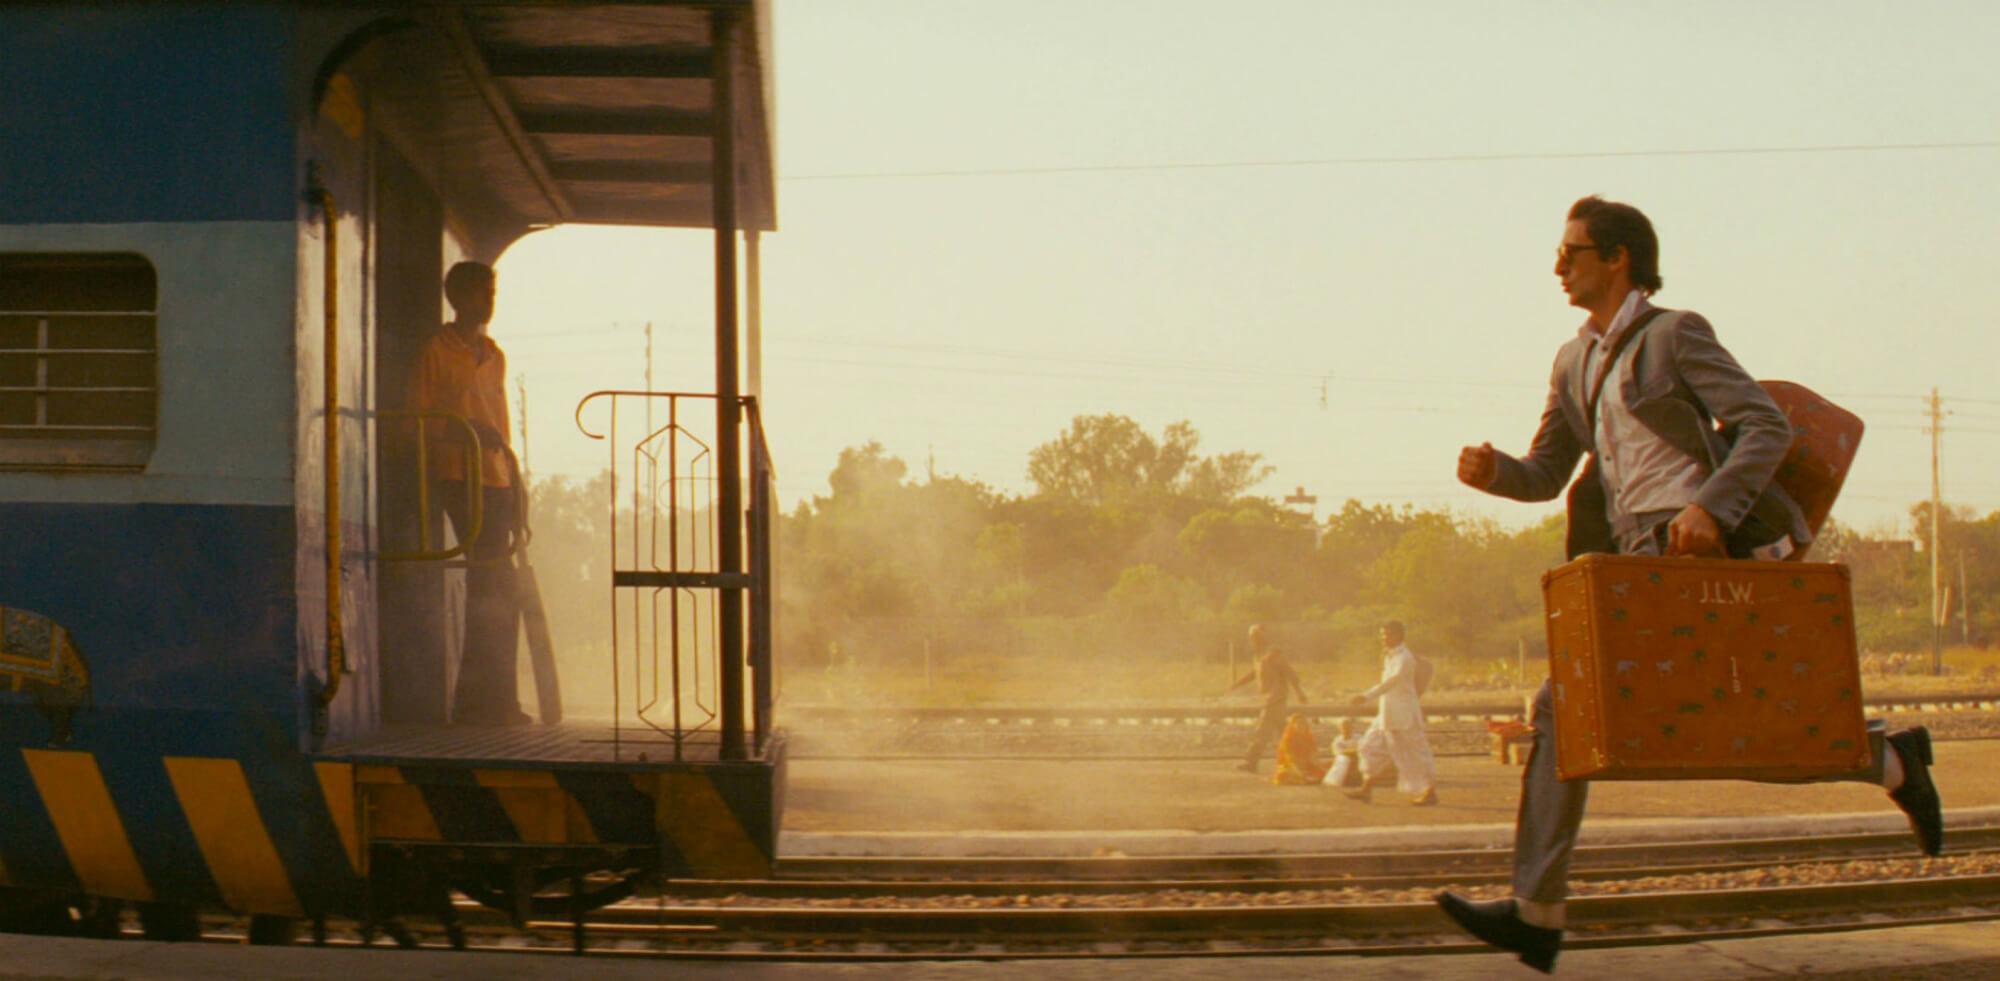 снится догонять поезд